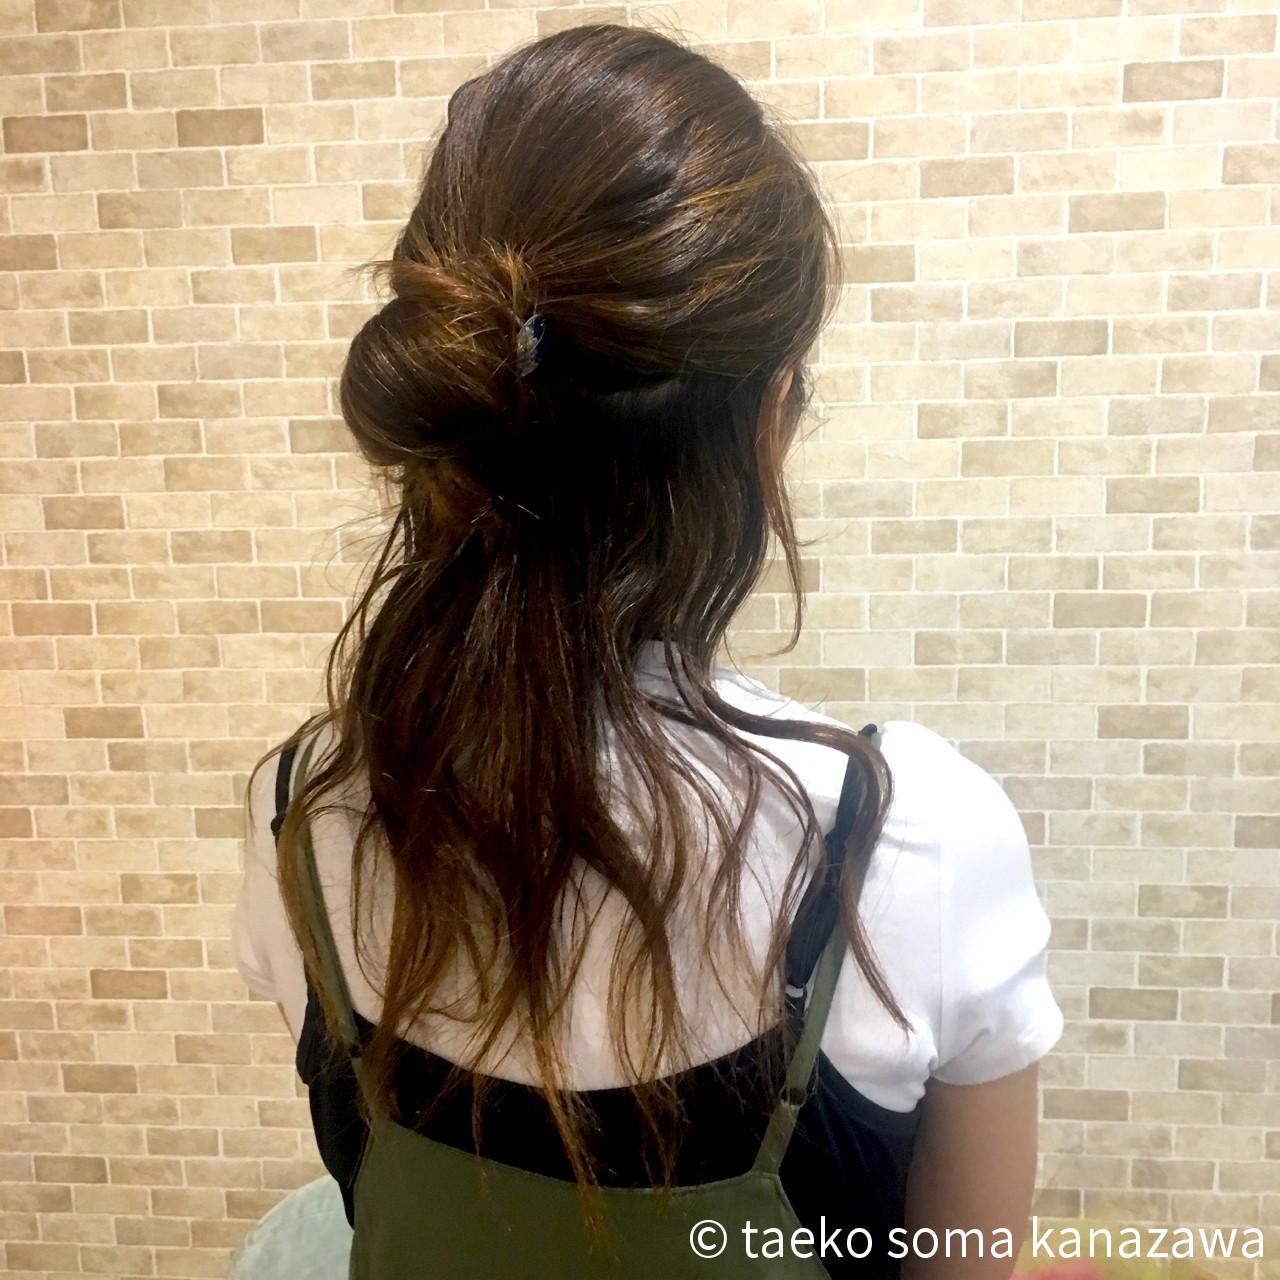 ヘアアレンジ お団子 ハーフアップ セミロング ヘアスタイルや髪型の写真・画像